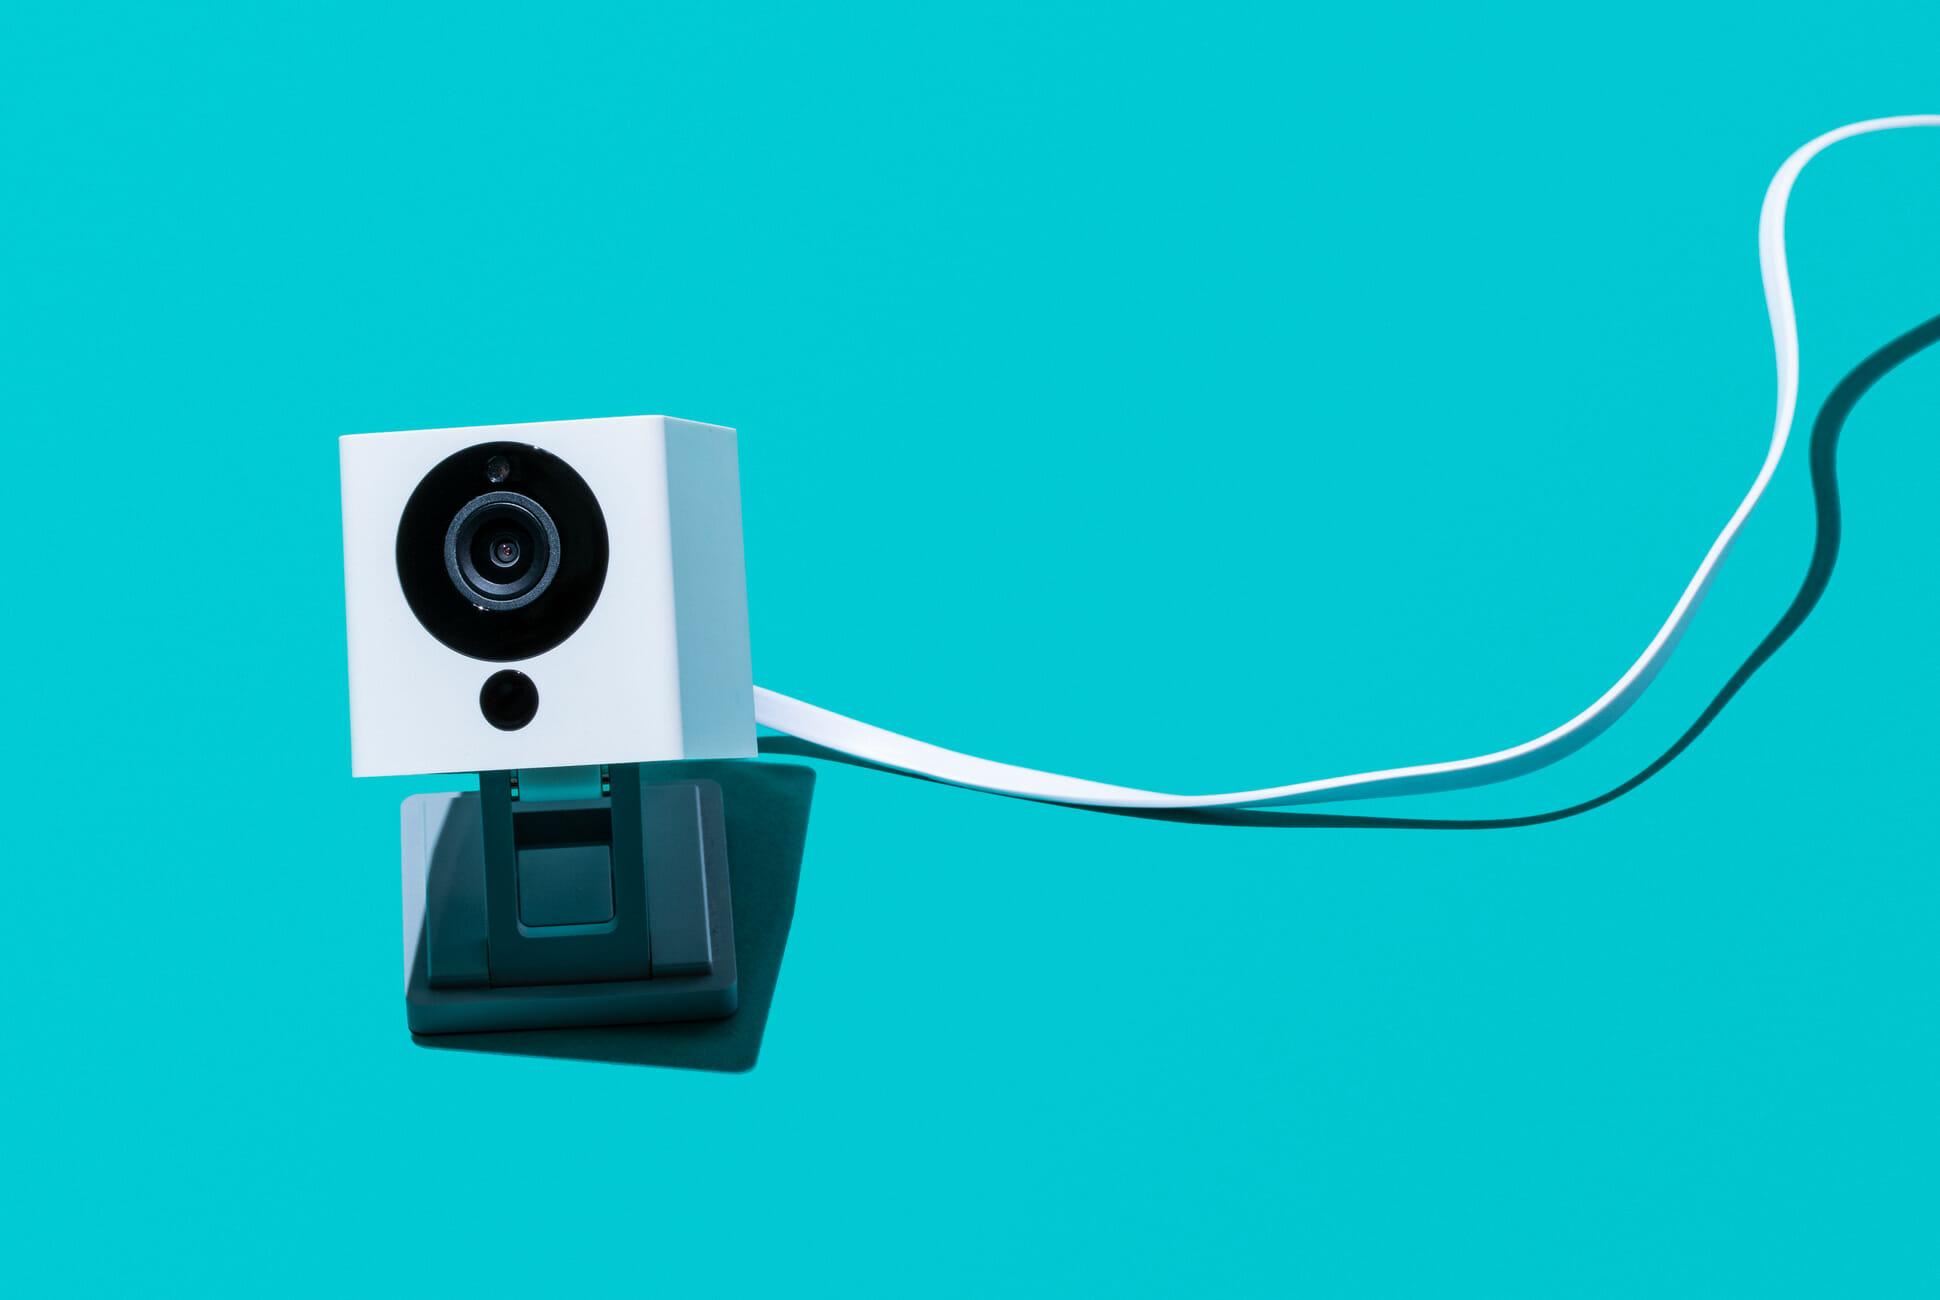 Làm thế nào để mua được một chiếc camera an ninh tốt nhất?